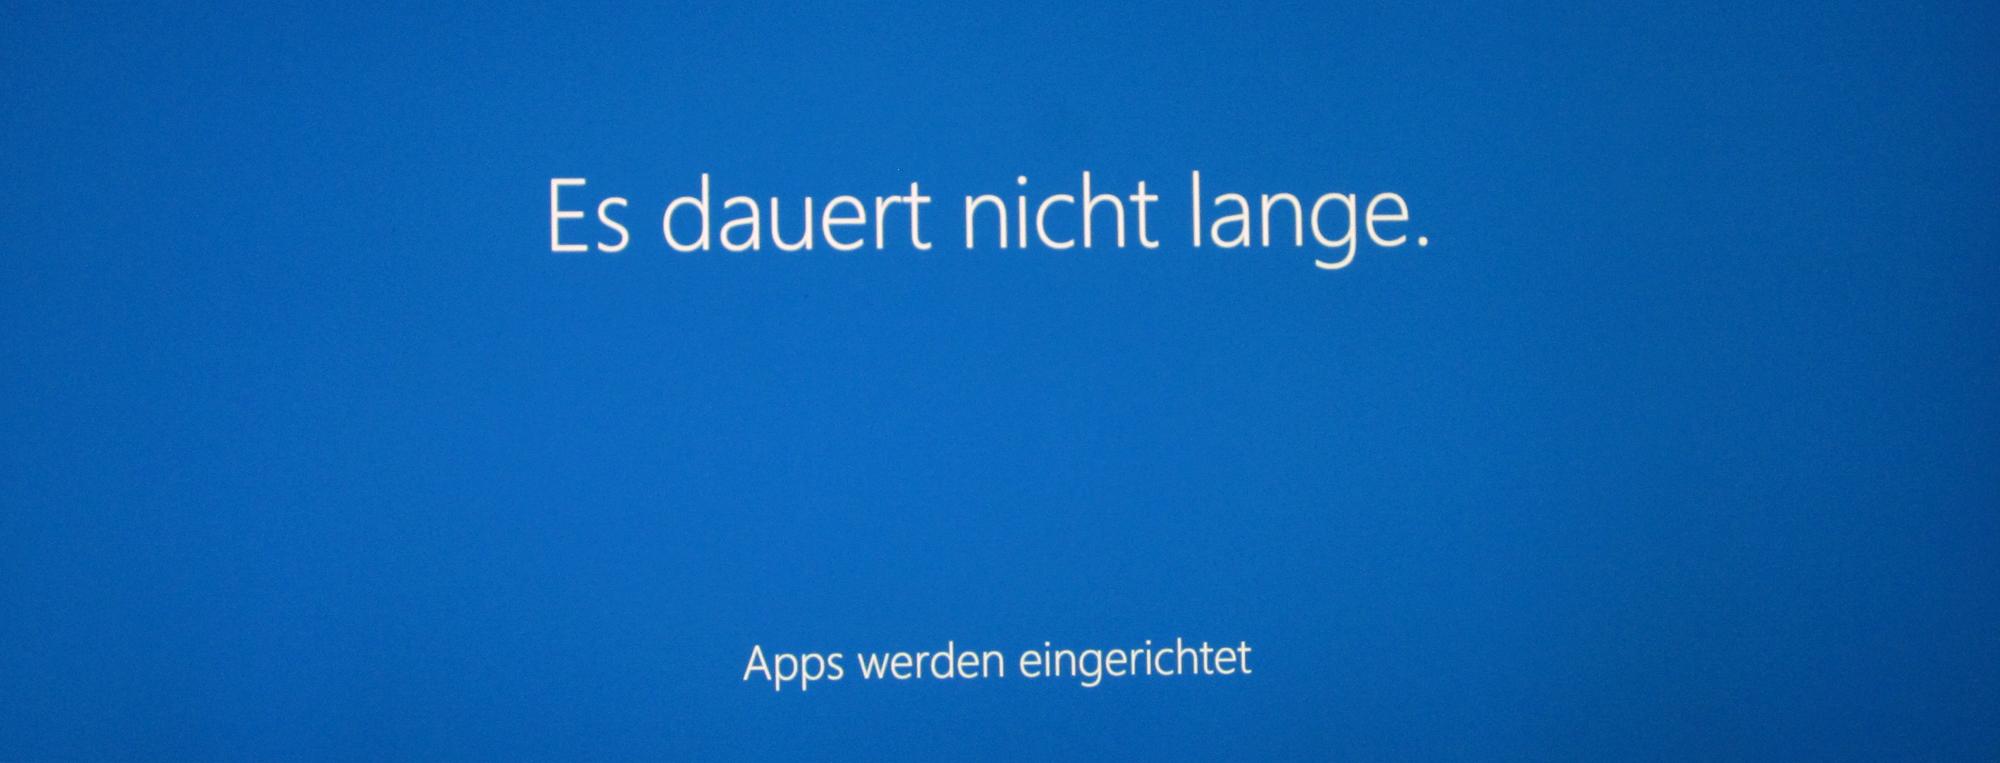 Windows 81 herunterladen